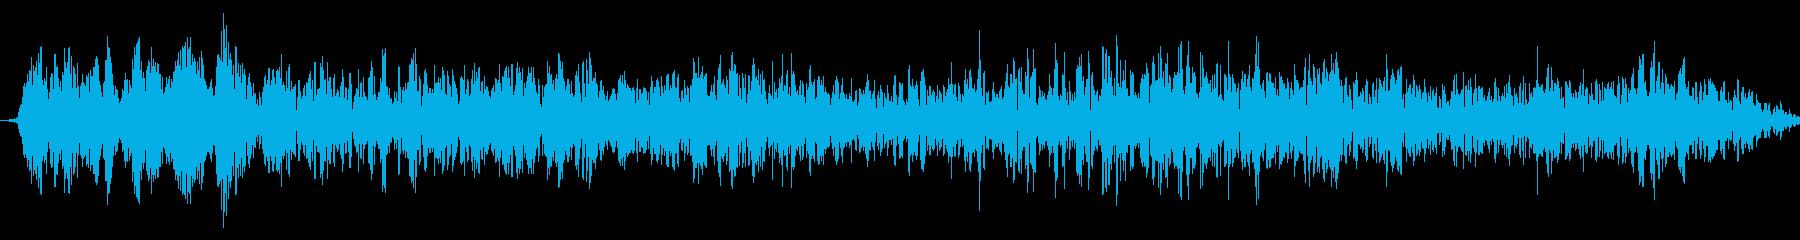 ショートドラマティックシンセドロー...の再生済みの波形